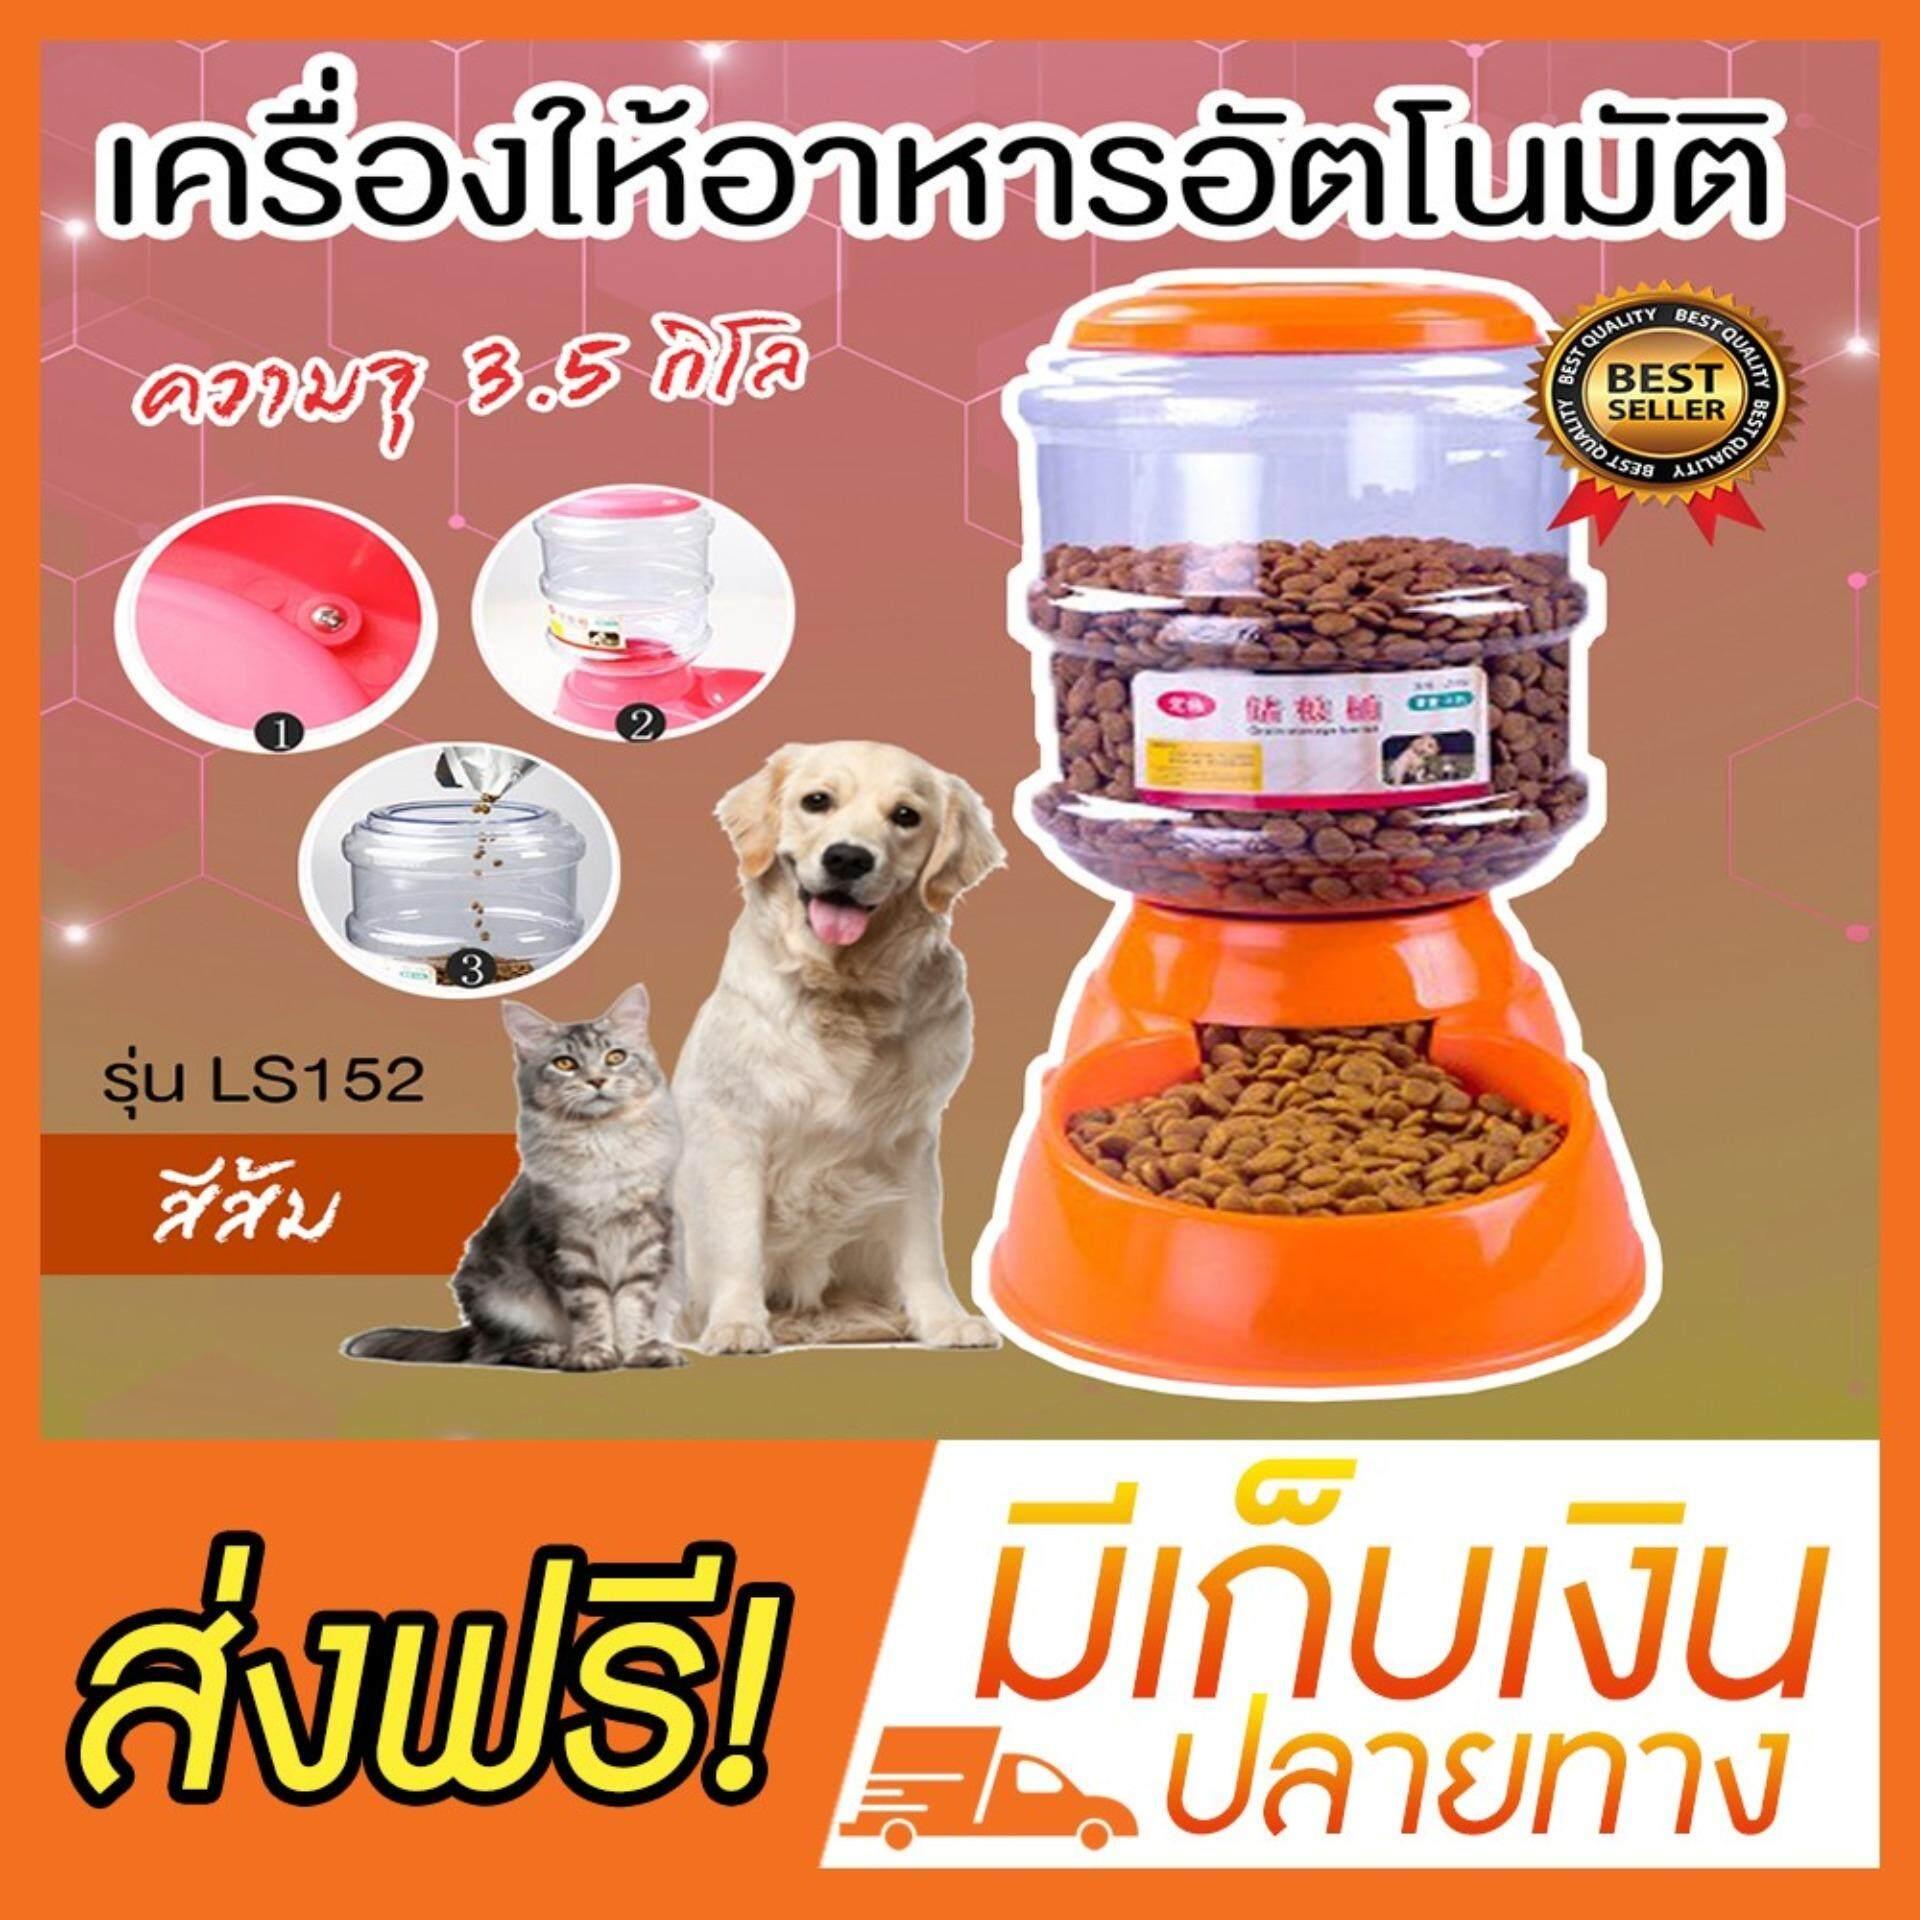 เครื่องให้อาหารสุนัข เครื่องให้อาหารอัตโนมัติ เครื่องให้อาหารหมา เครื่องให้อาหารแมว รุ่น Ls152 (สีส้ม) By Happy Mall.